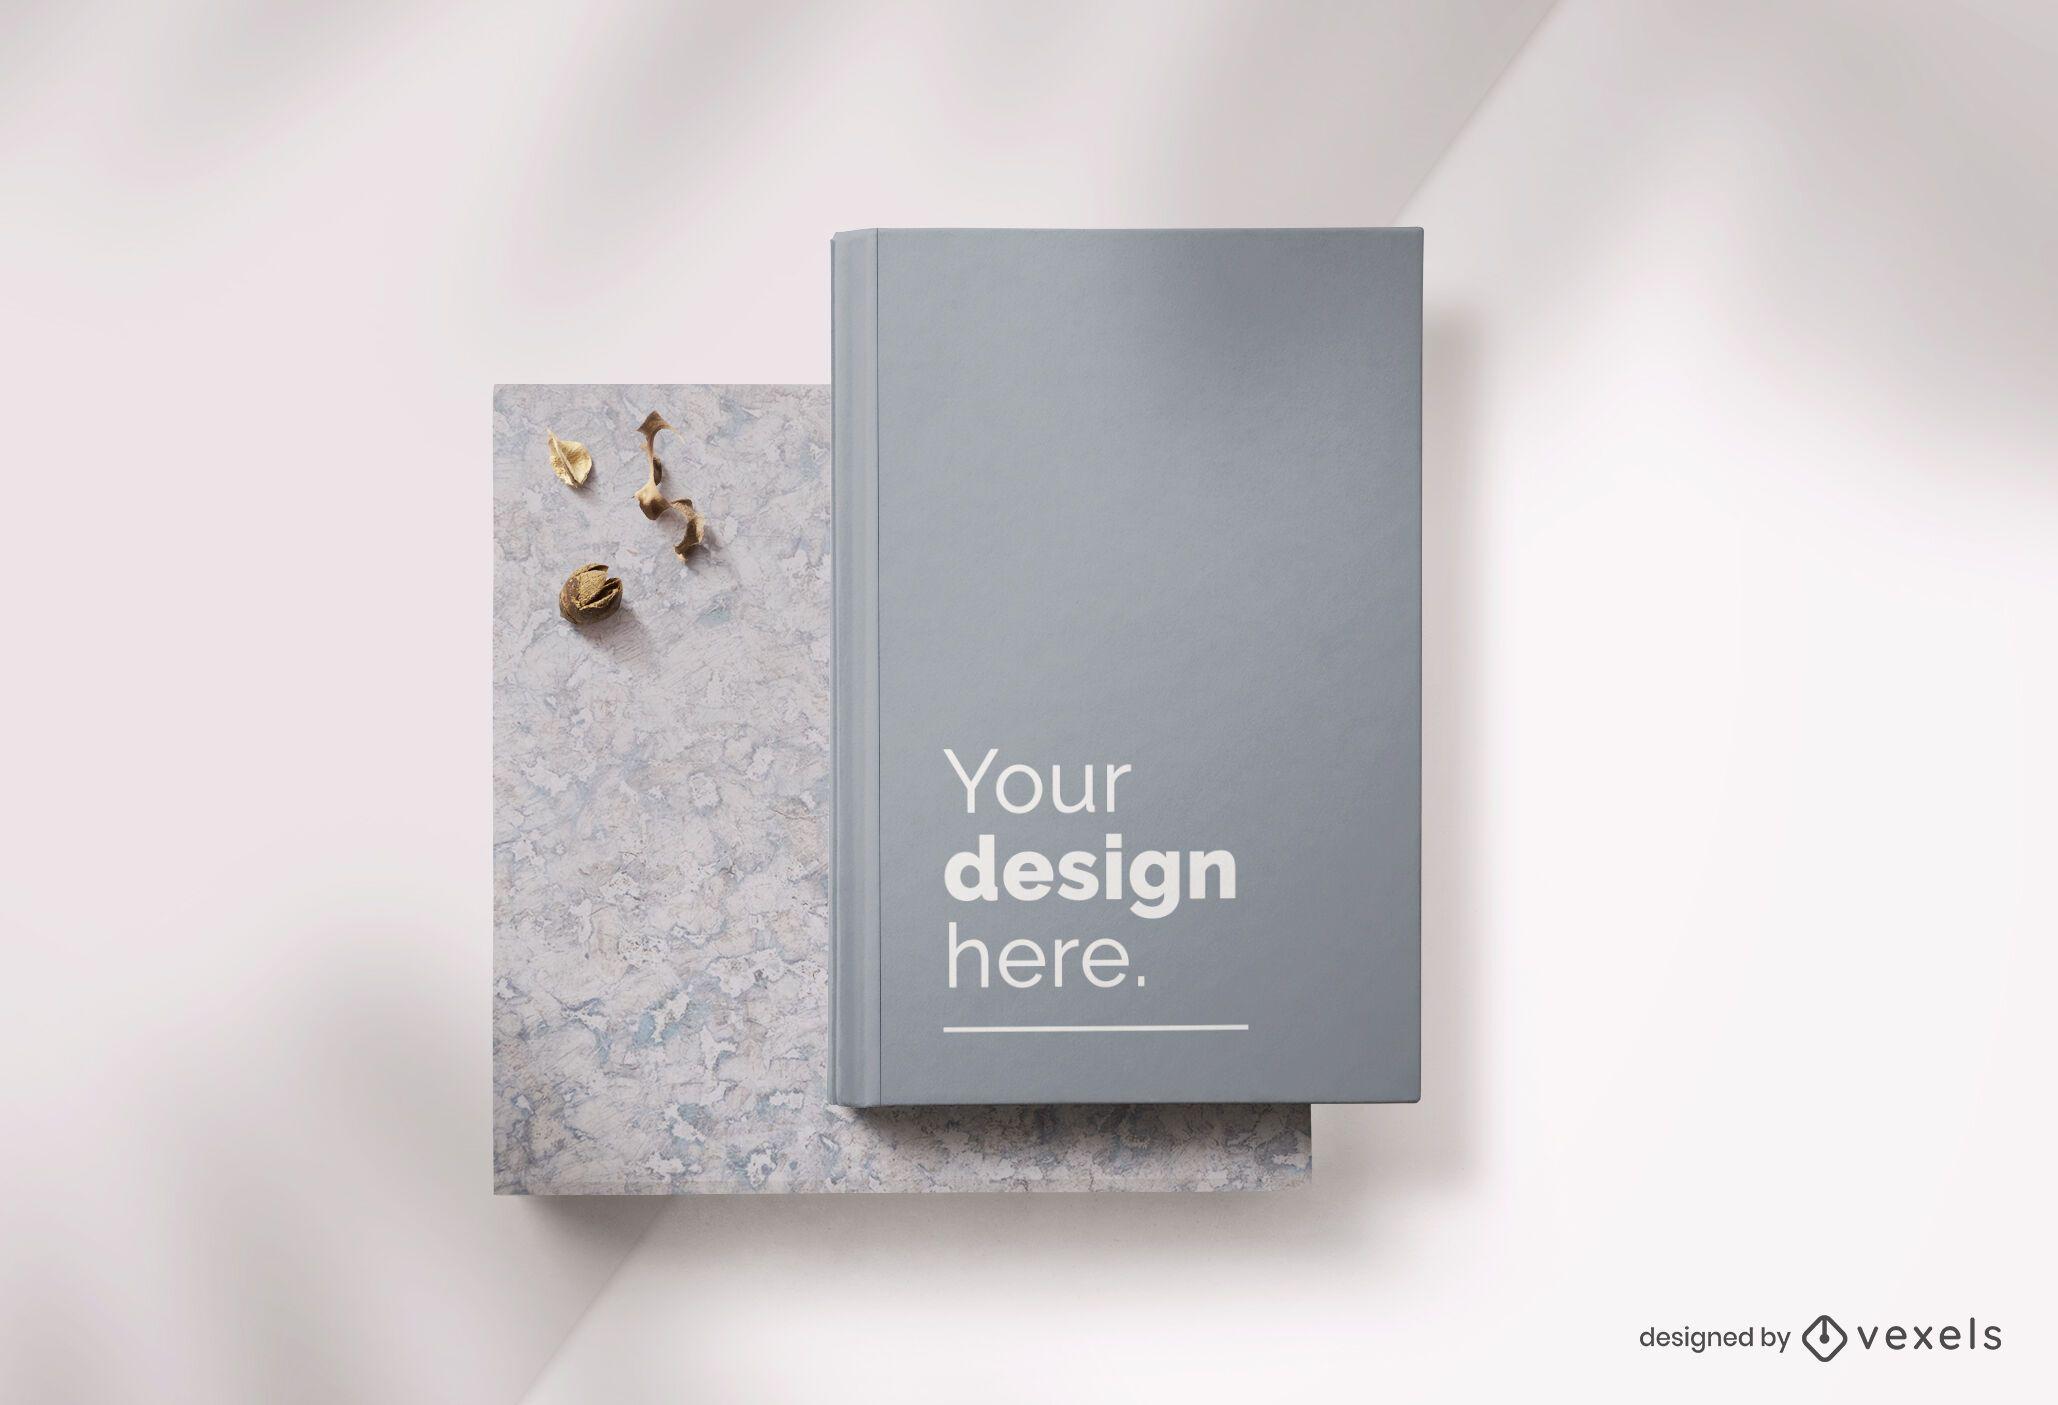 Composição de maquete de capa dura de livro